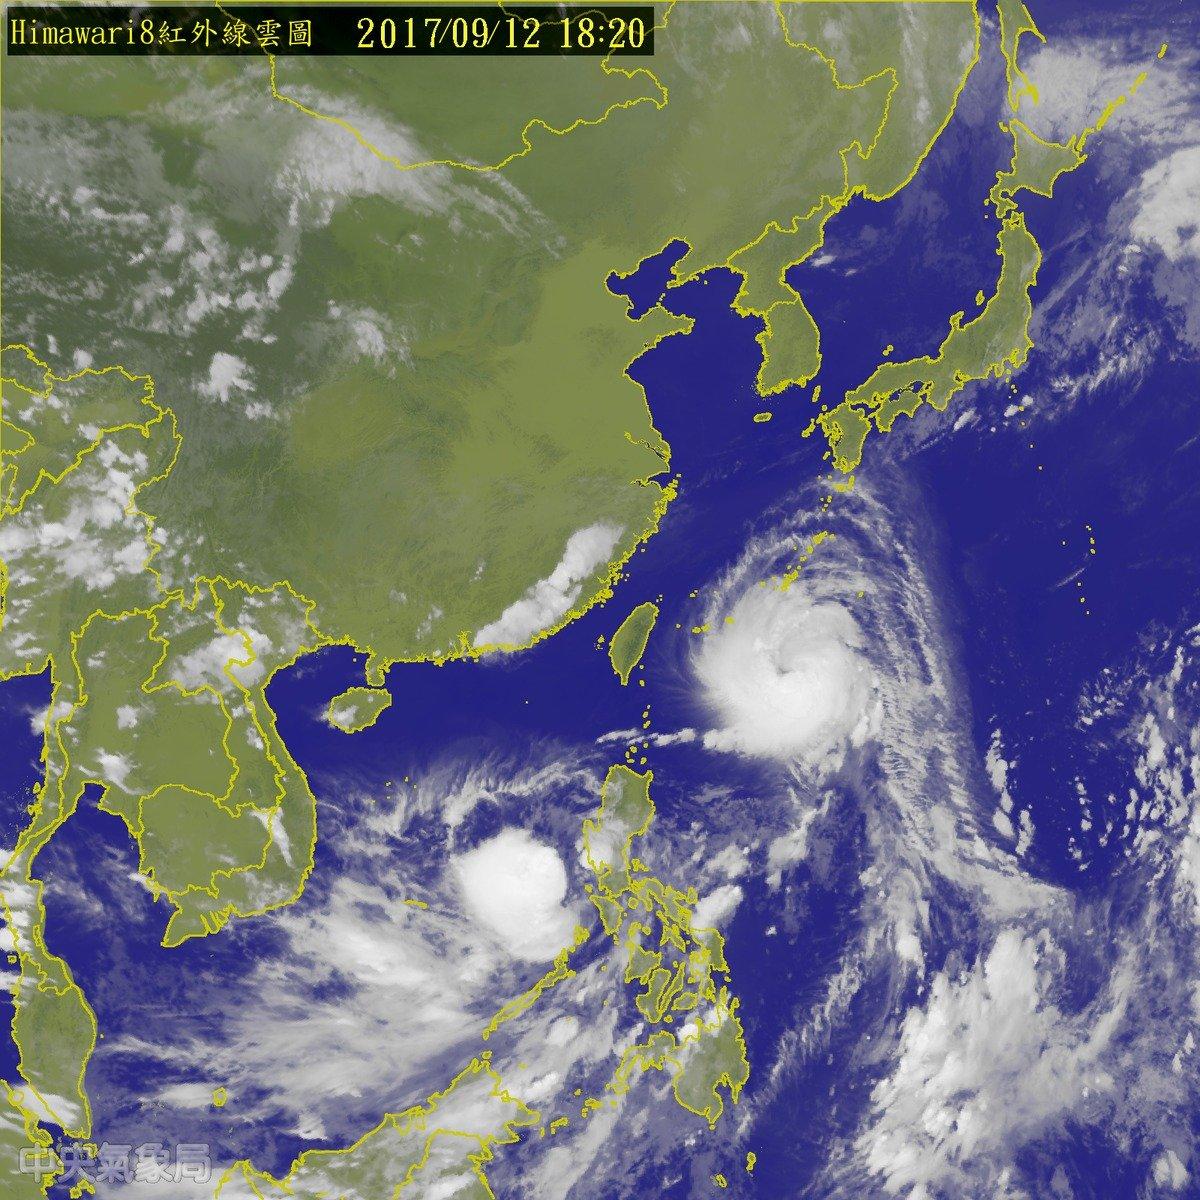 中颱泰利逐步進逼 陸警估明凌晨後發布